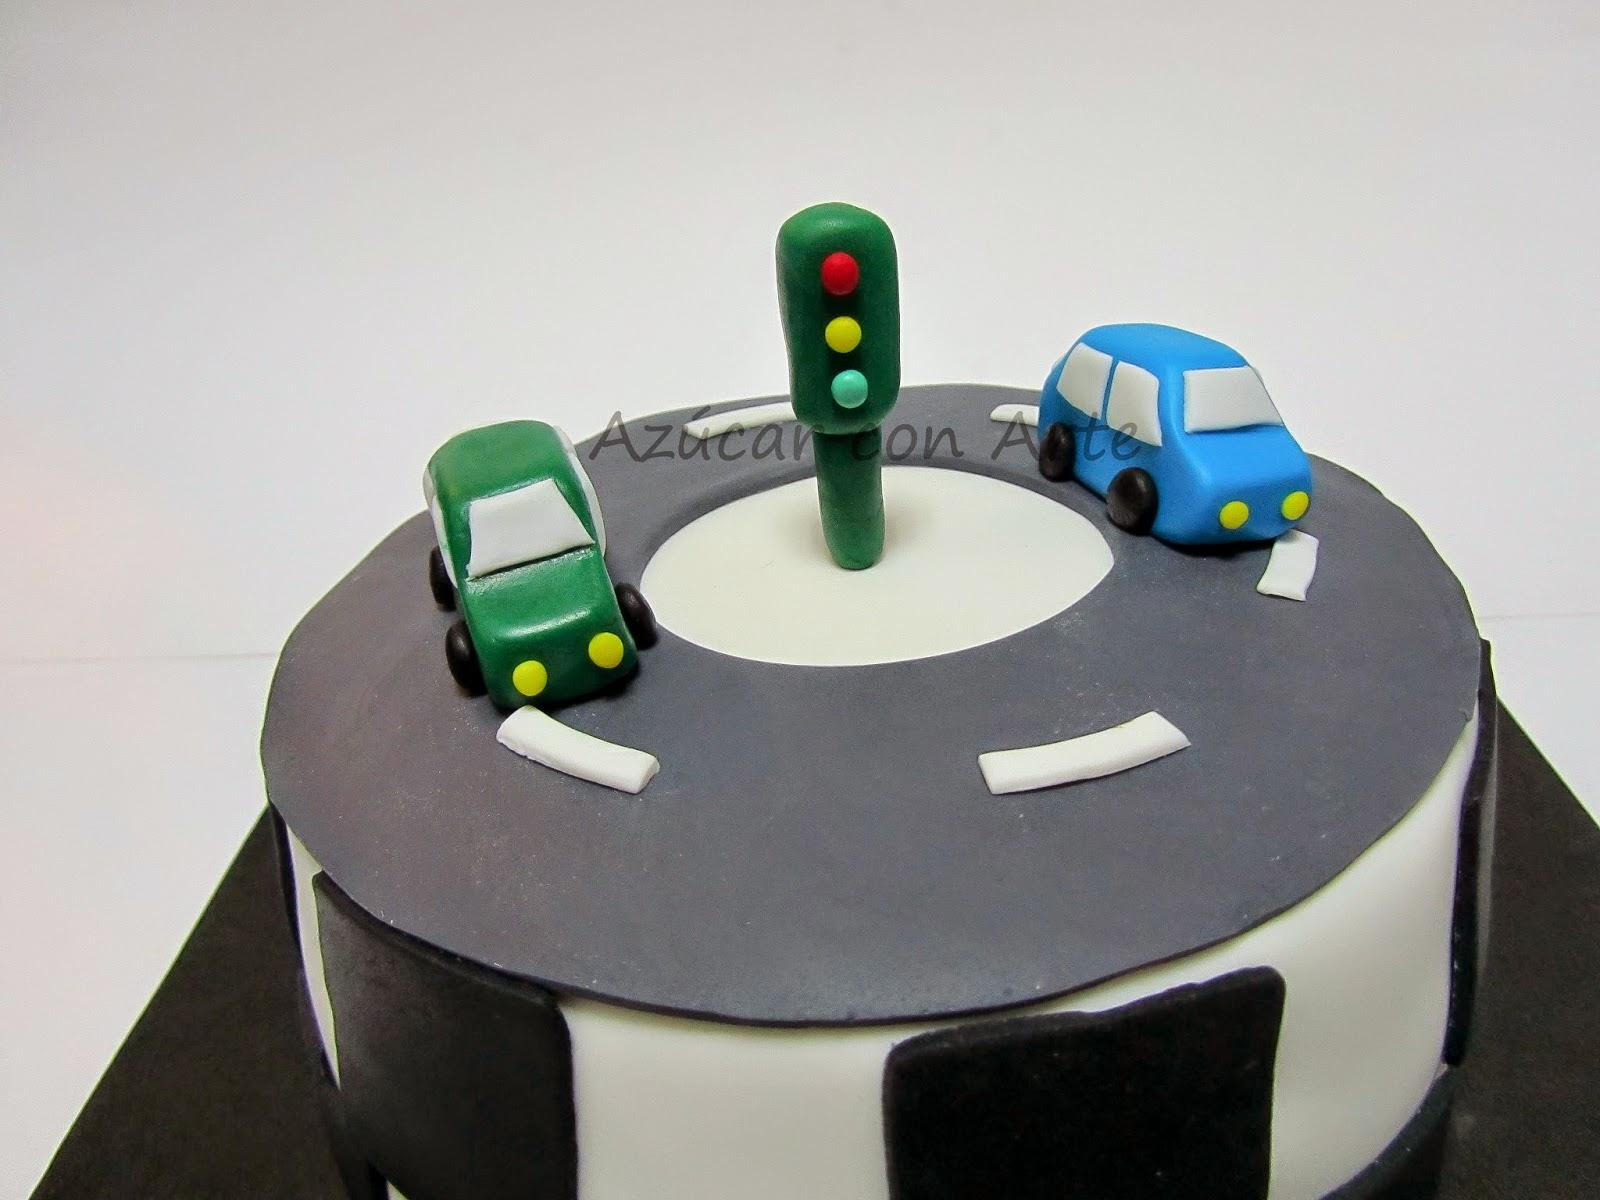 tarta coches, car cake, tarta sin gluten, gluten free cake, tarta fondant | azucar con arte